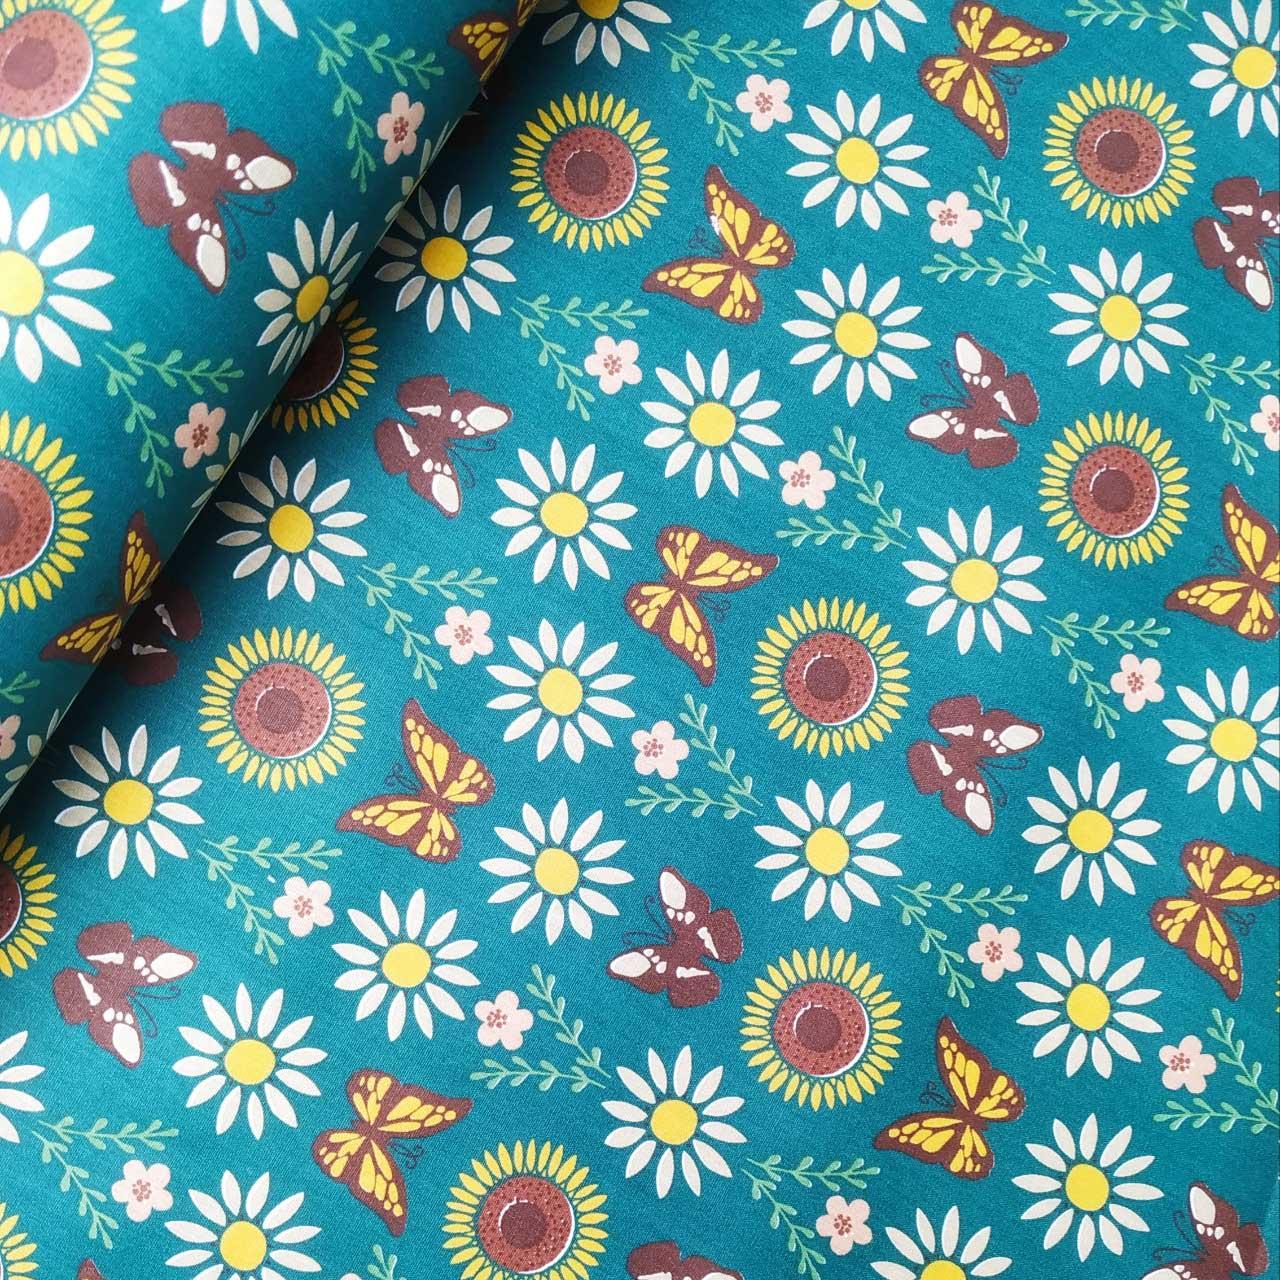 Tecido Patchwork Peripan Floral Jardim de Borboletas 0,50X1,50mts